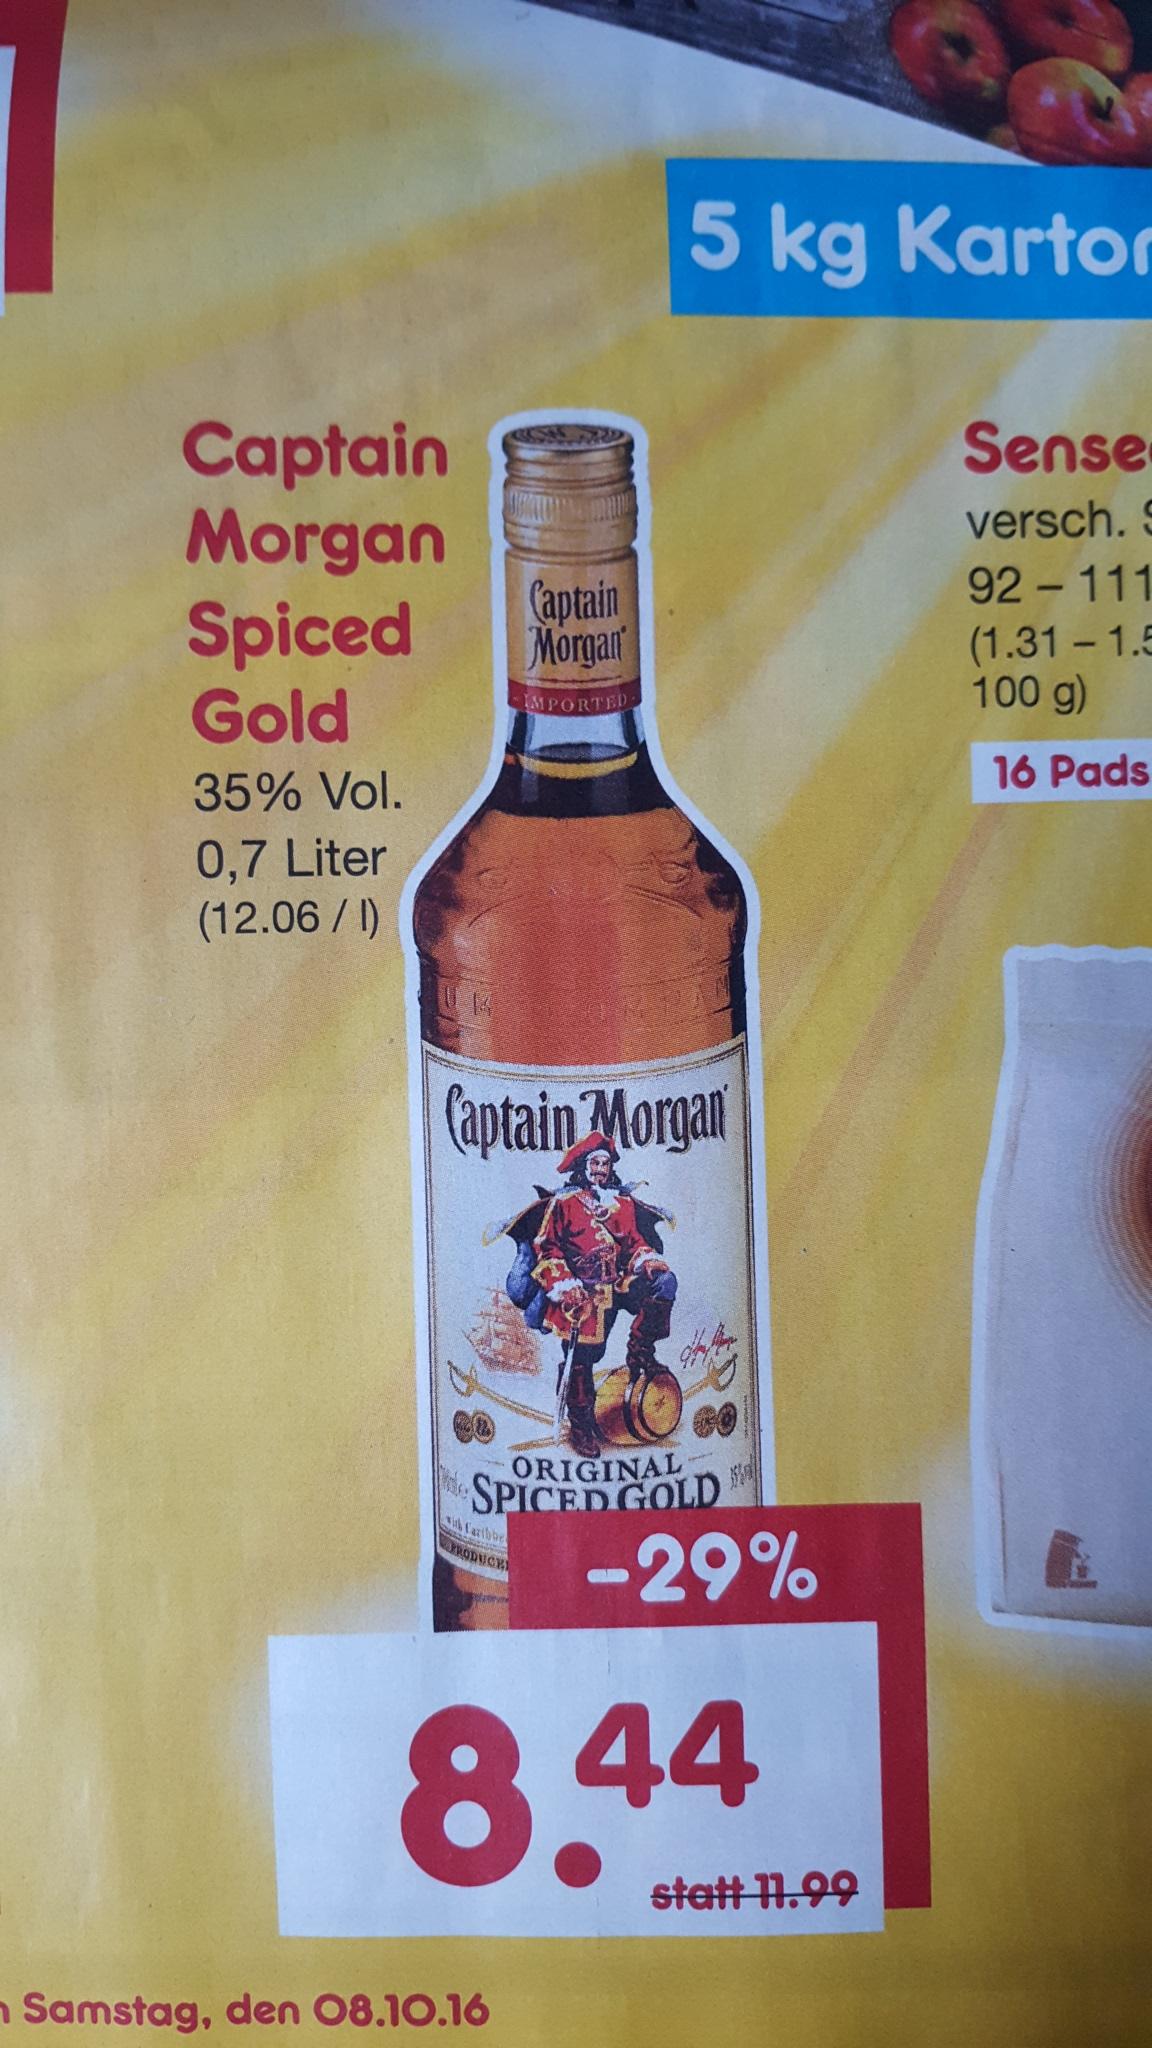 Netto Marken-Discount nur am 08.10.2016: Captain Morgan Spiced Gold (0,7L) für 8,44 Euro